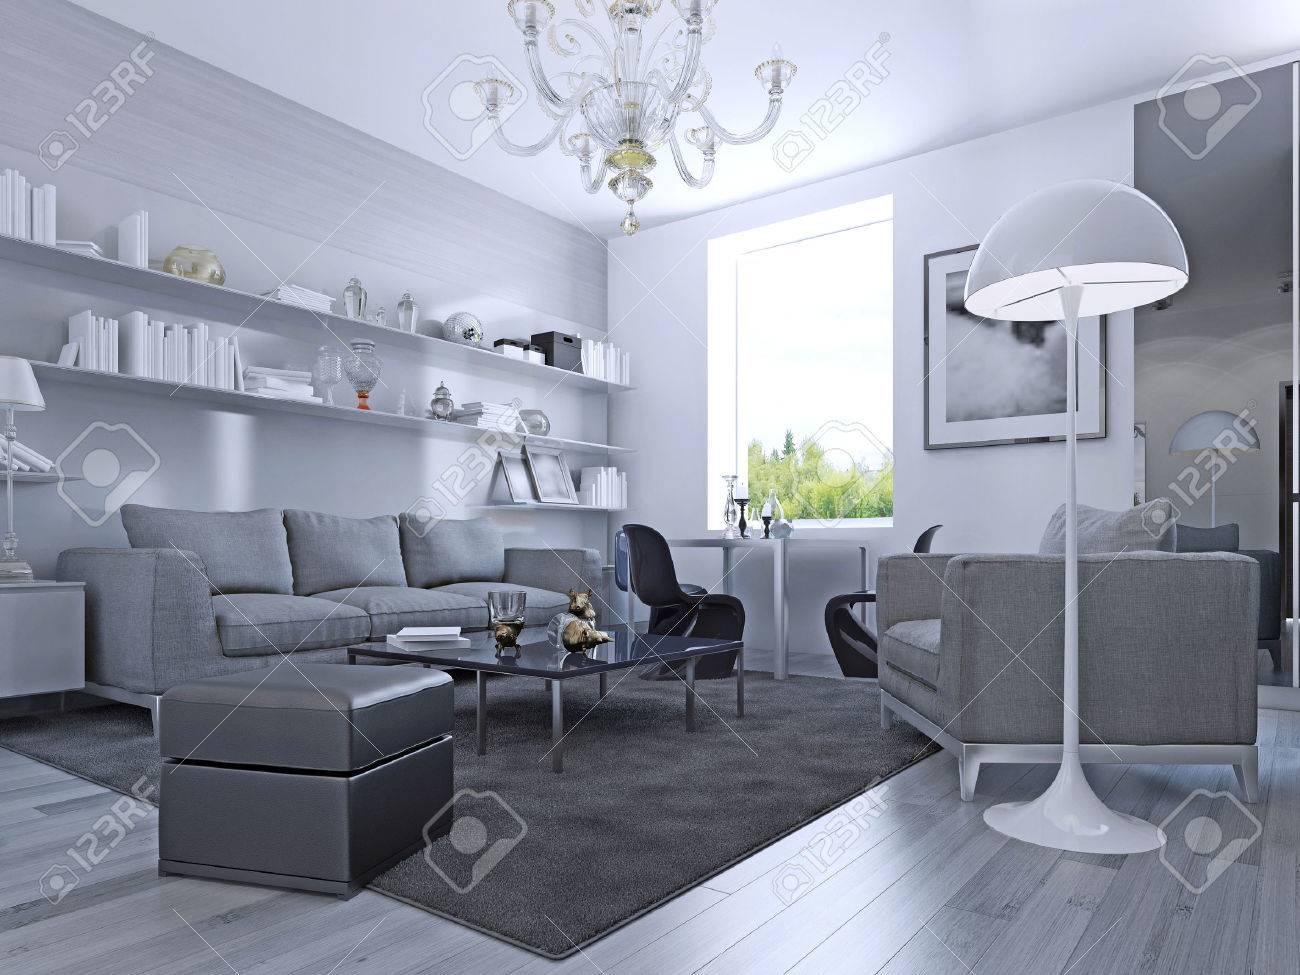 Séjour dans un style moderne. salon élégant avec des murs blancs et sol  stratifié gris clair. système de mur avec des étagères blanches.